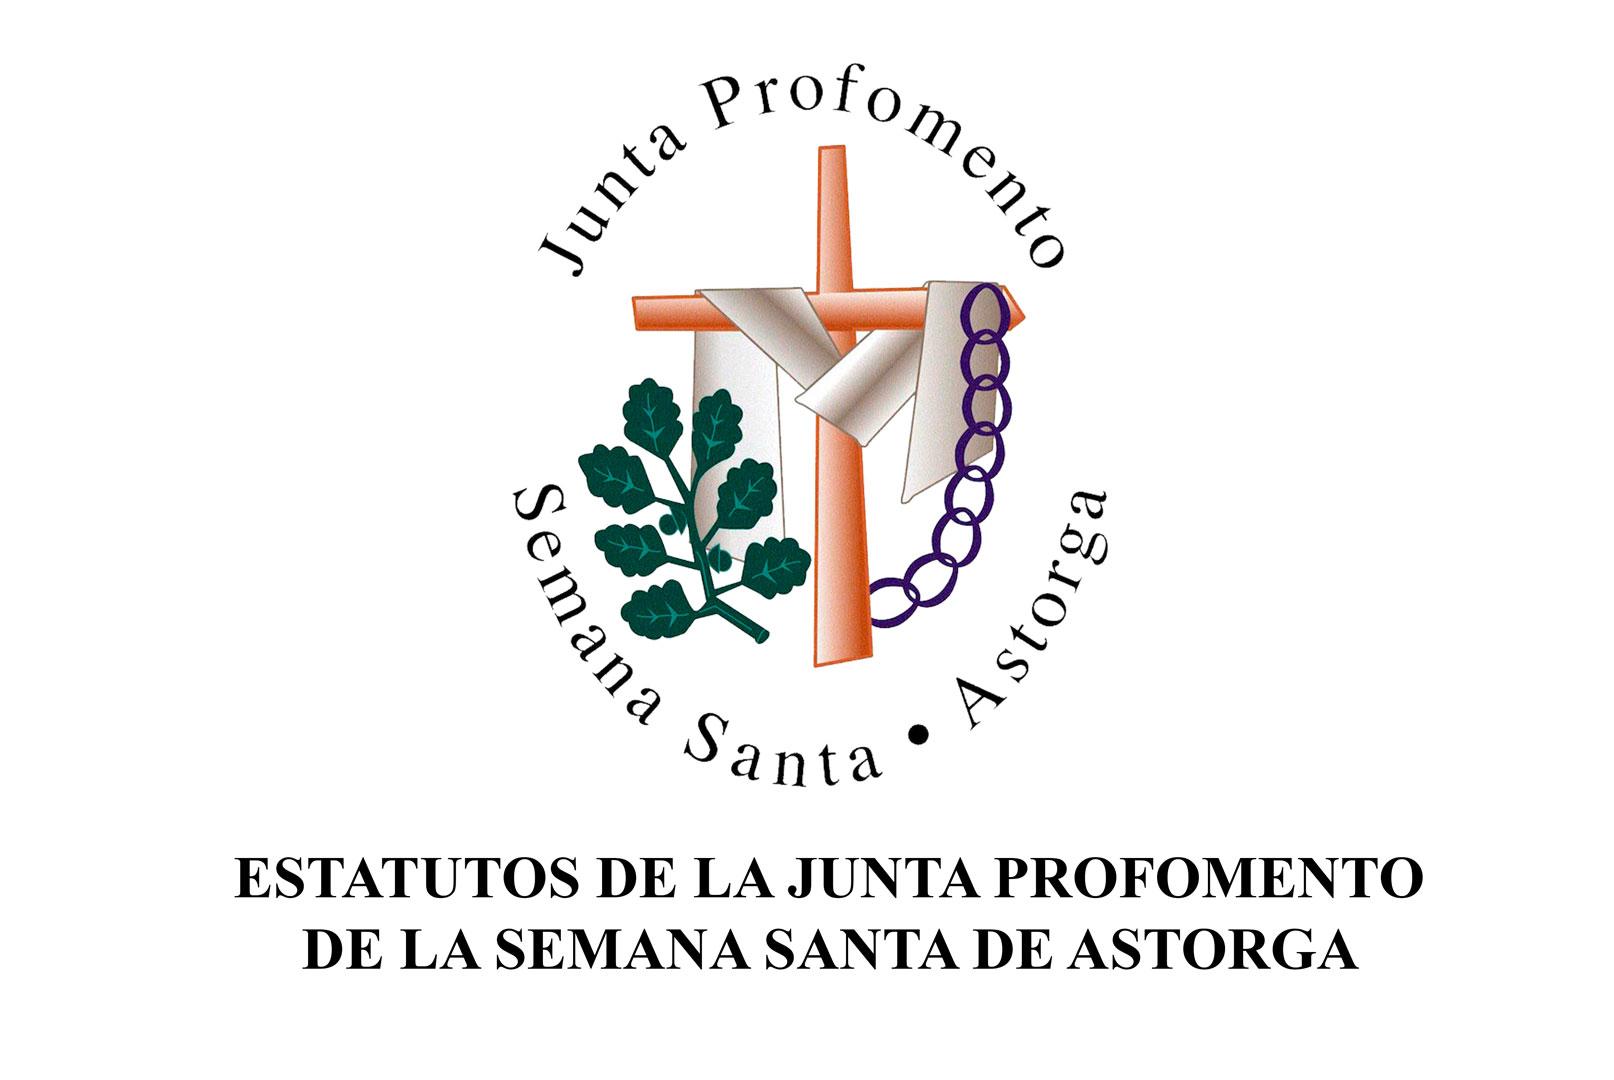 estatutos-junta